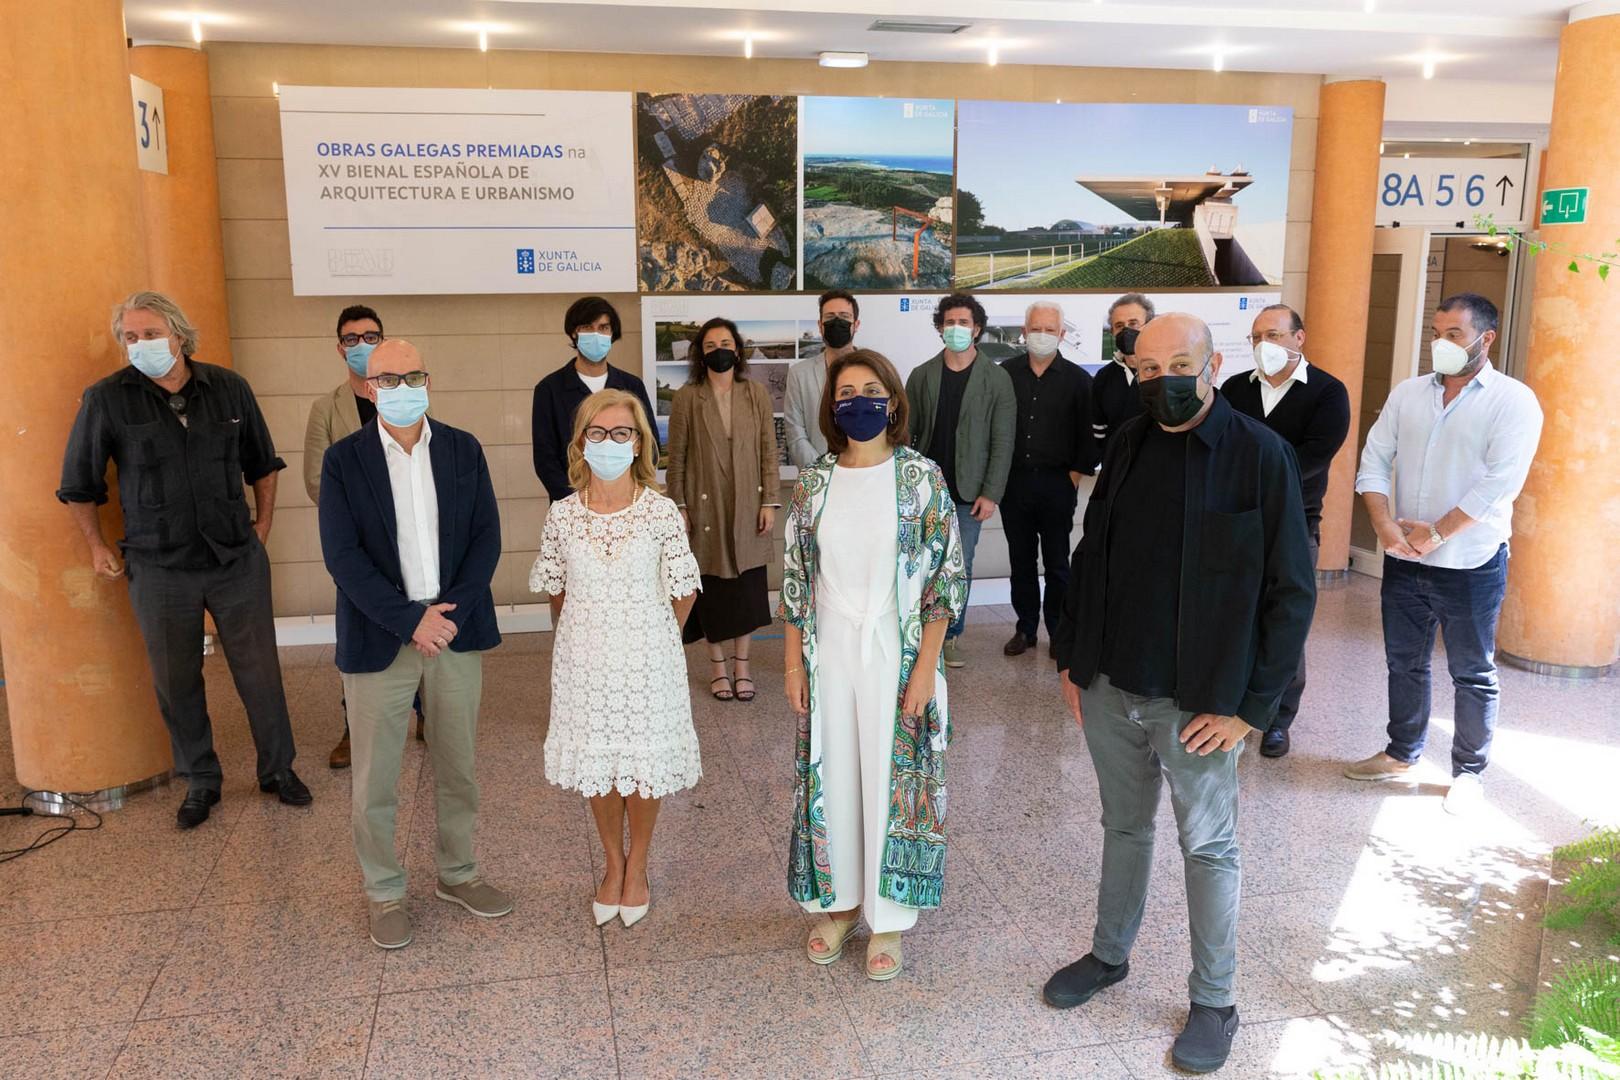 Inauguración exposición sobre as Obras galegas premiadas na XV Bienal Española de Arquitectura e Urbanismo